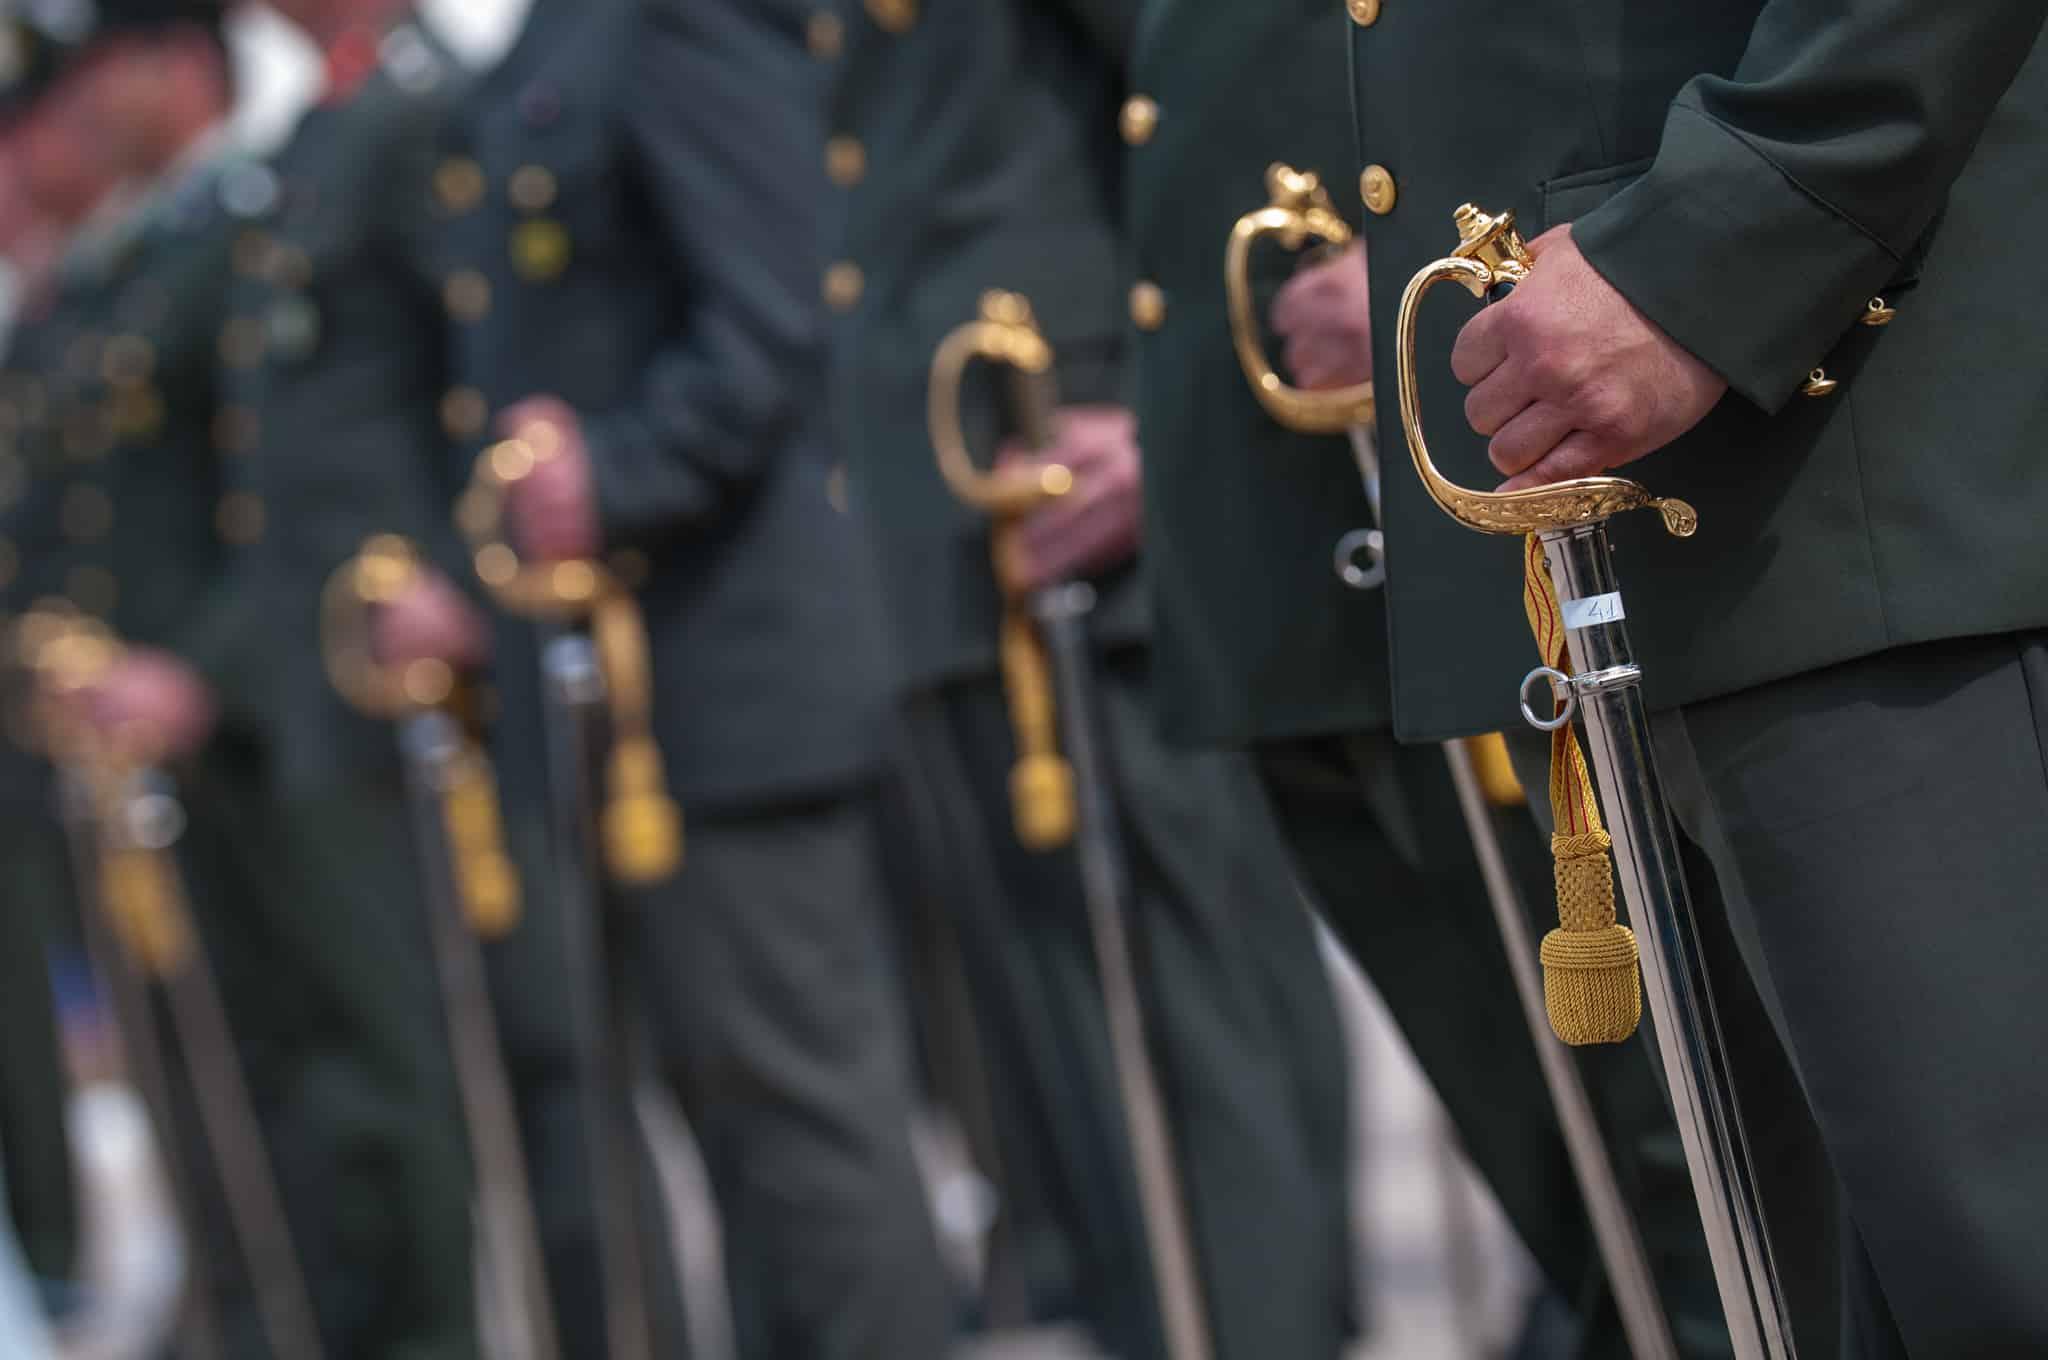 Κρίσεις 2021 Υποστράτηγοι ΟΠΛΩΝ Η απόφαση που έλαβε το Ανώτατο Στρατιωτικό Συμβούλιο ΑΣΣ για τον Στρατό Ξηράς